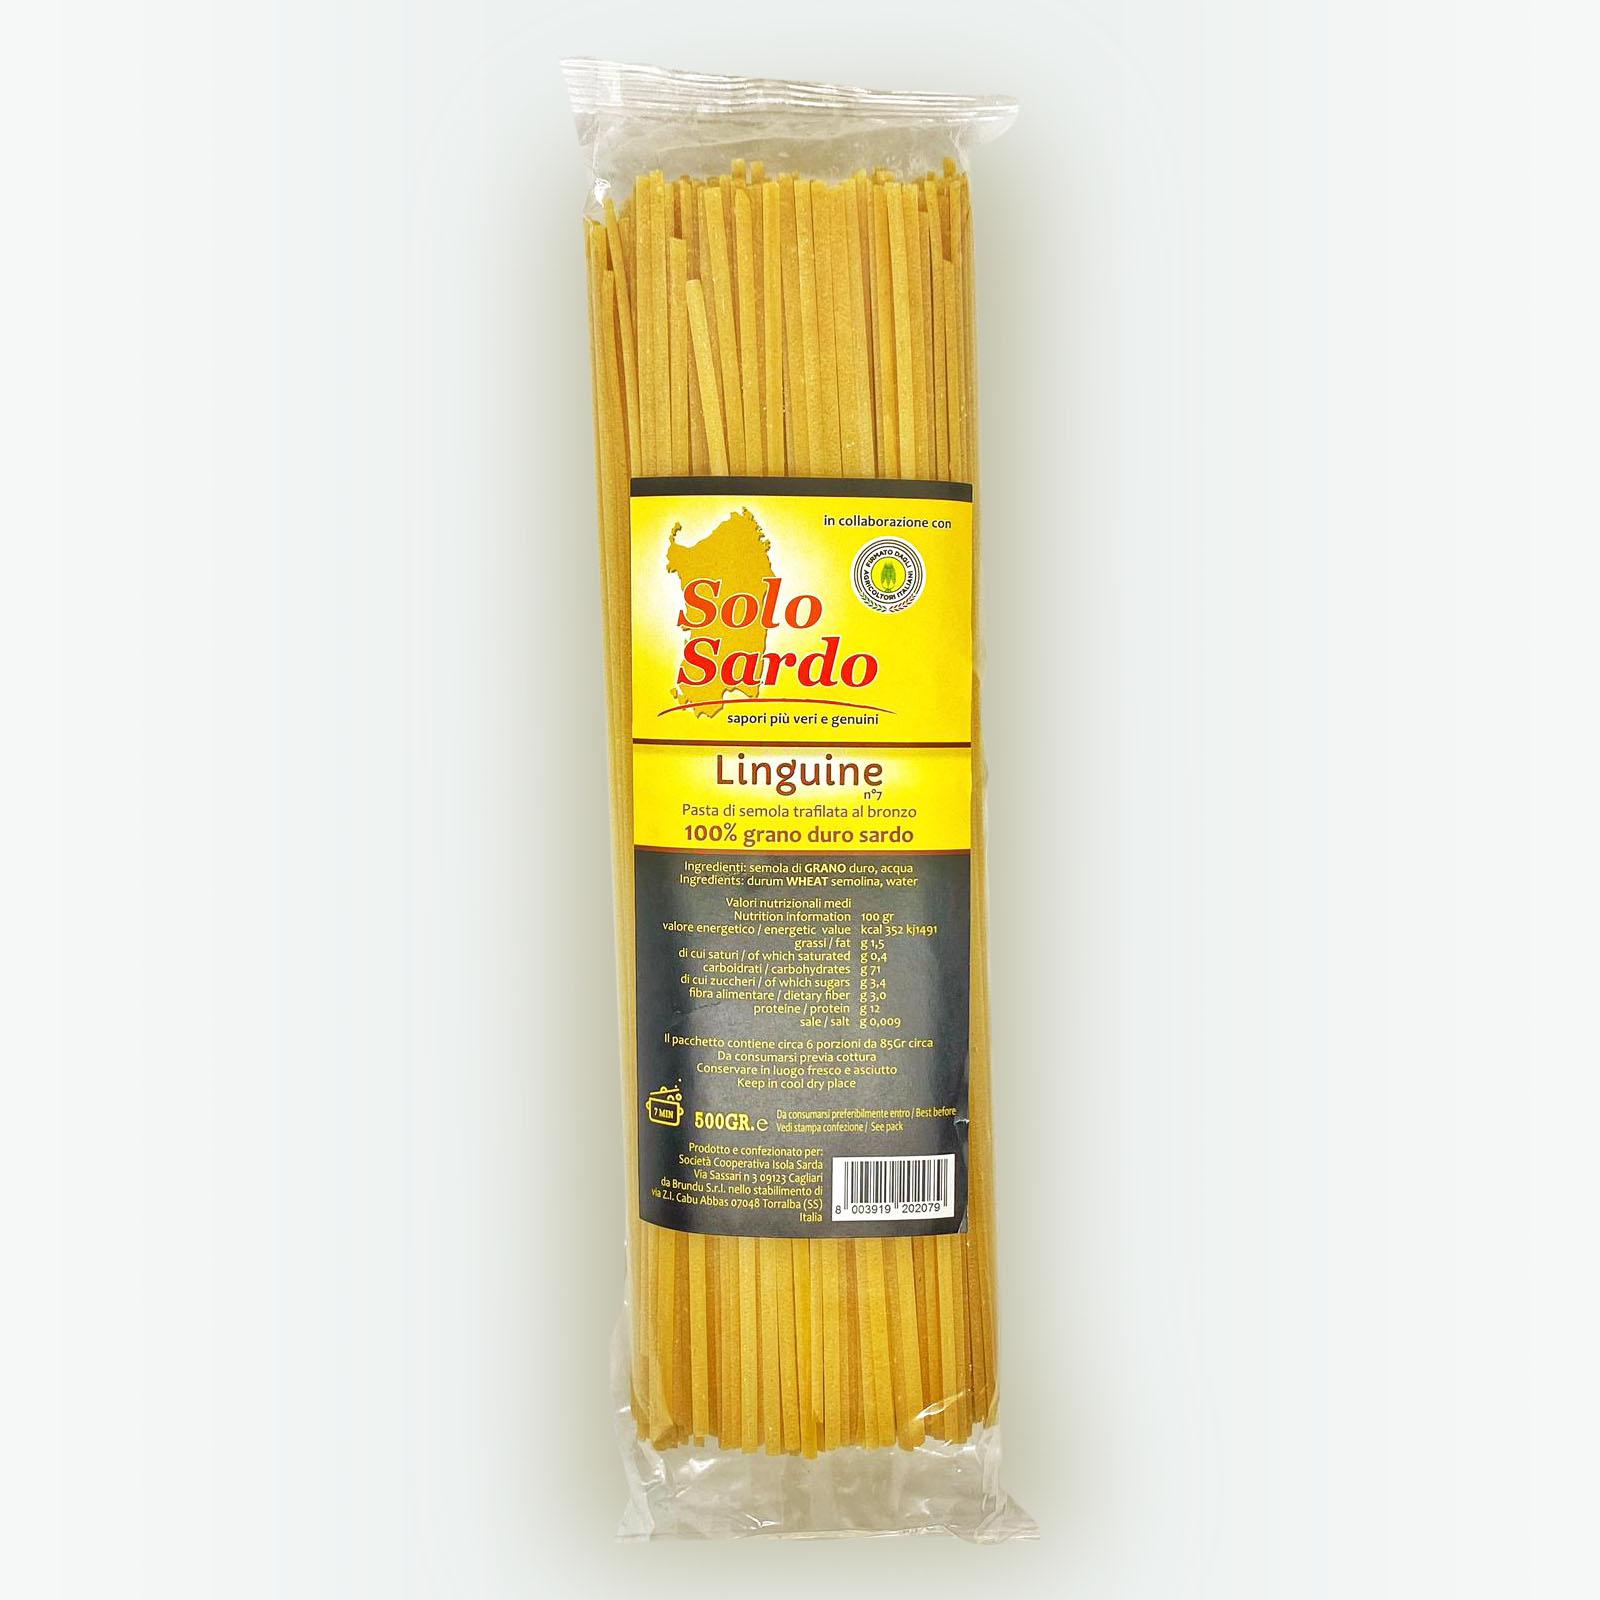 Linguine - Solo Sardo